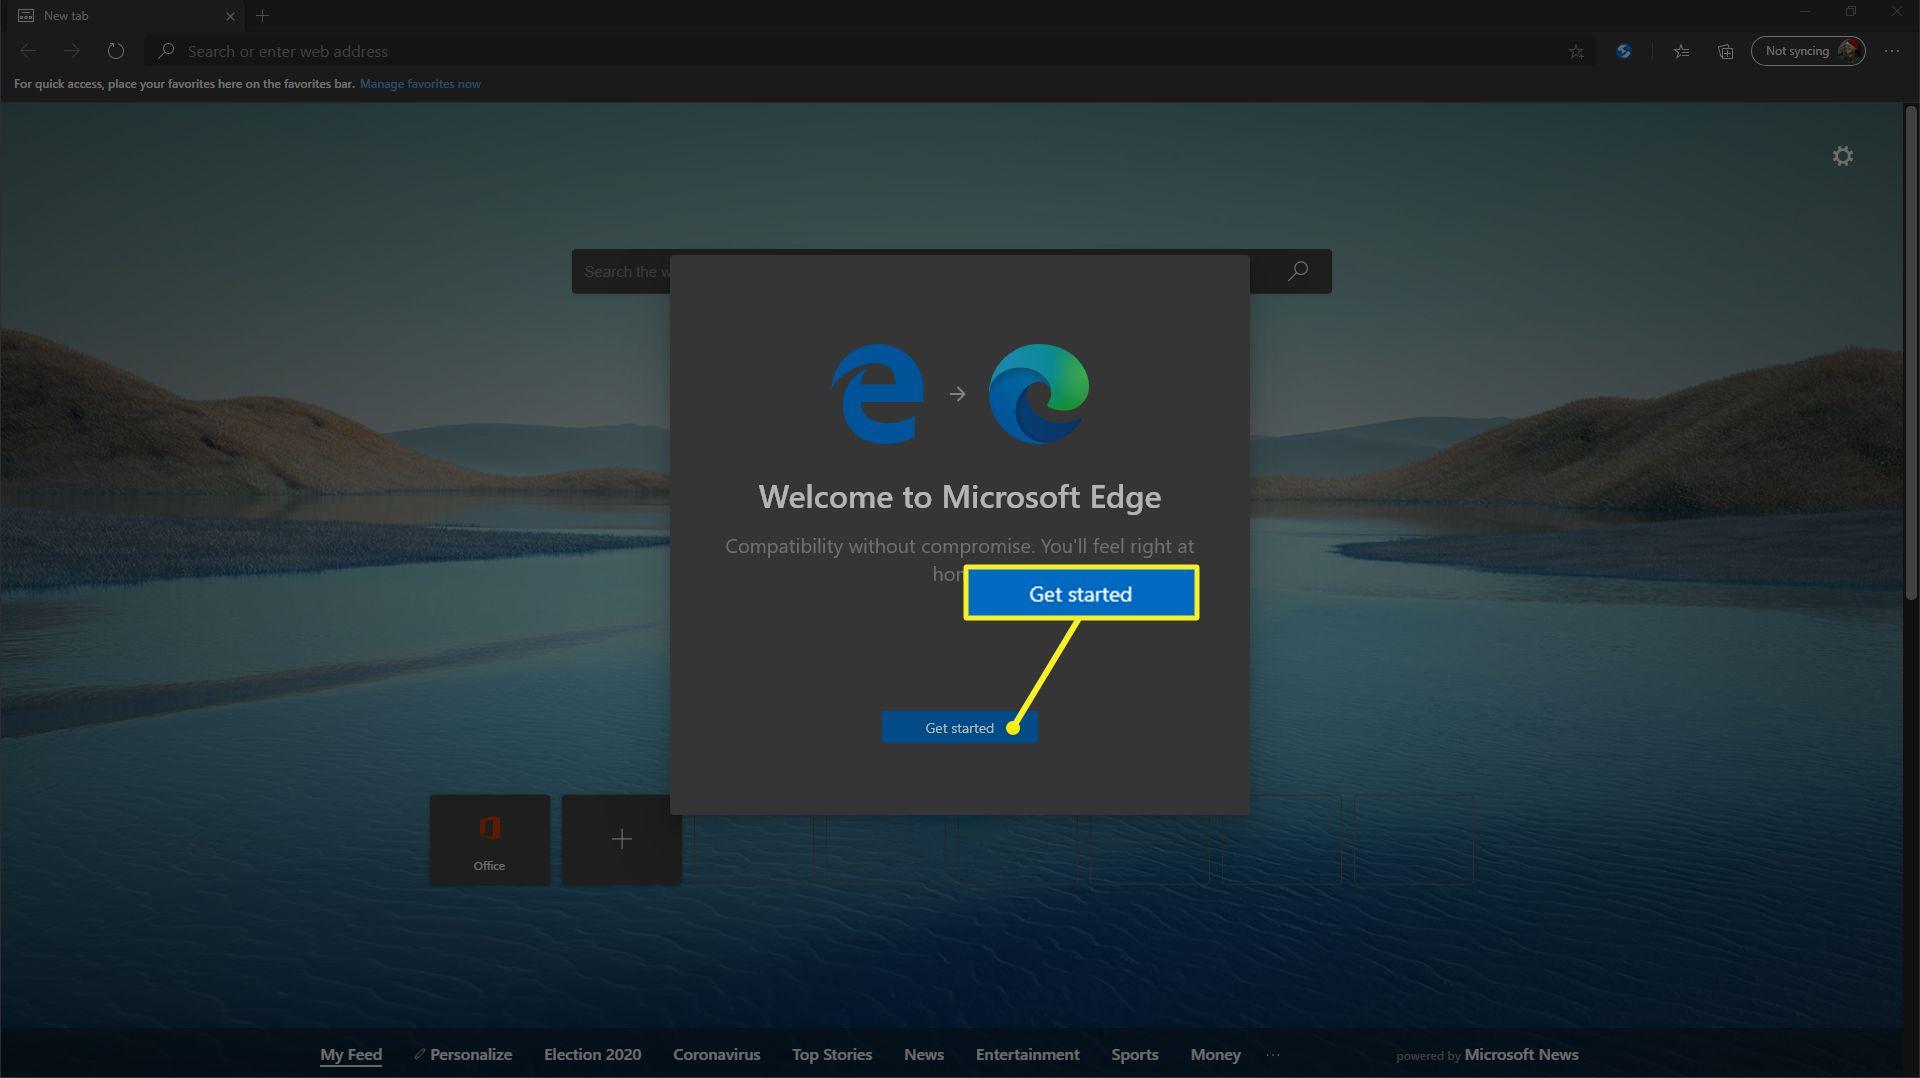 Initial Chromium Edge setup screen